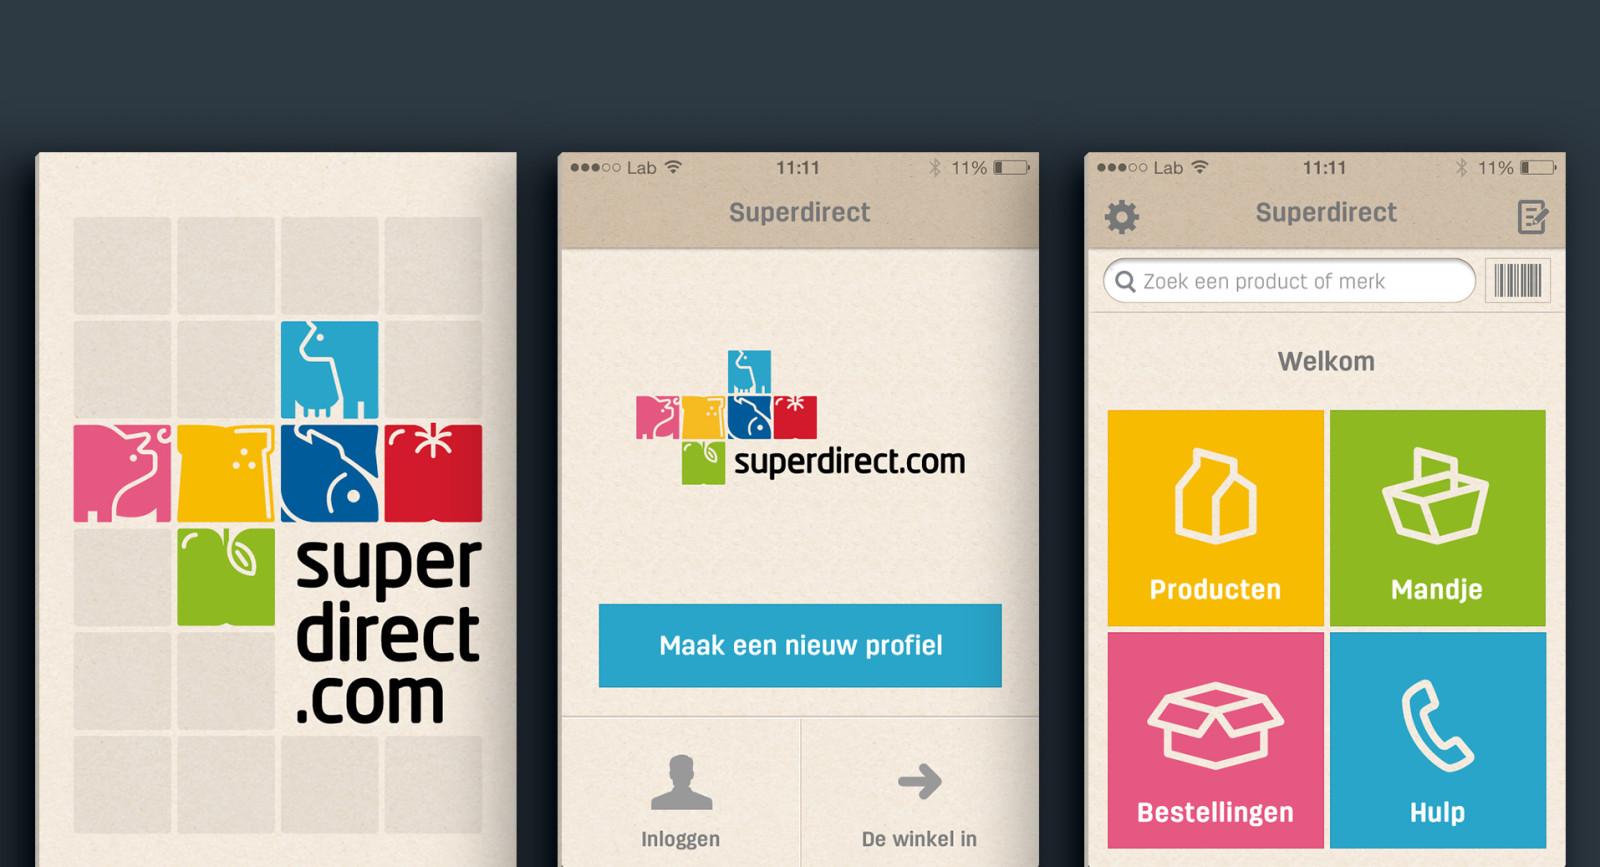 Superdirect.com